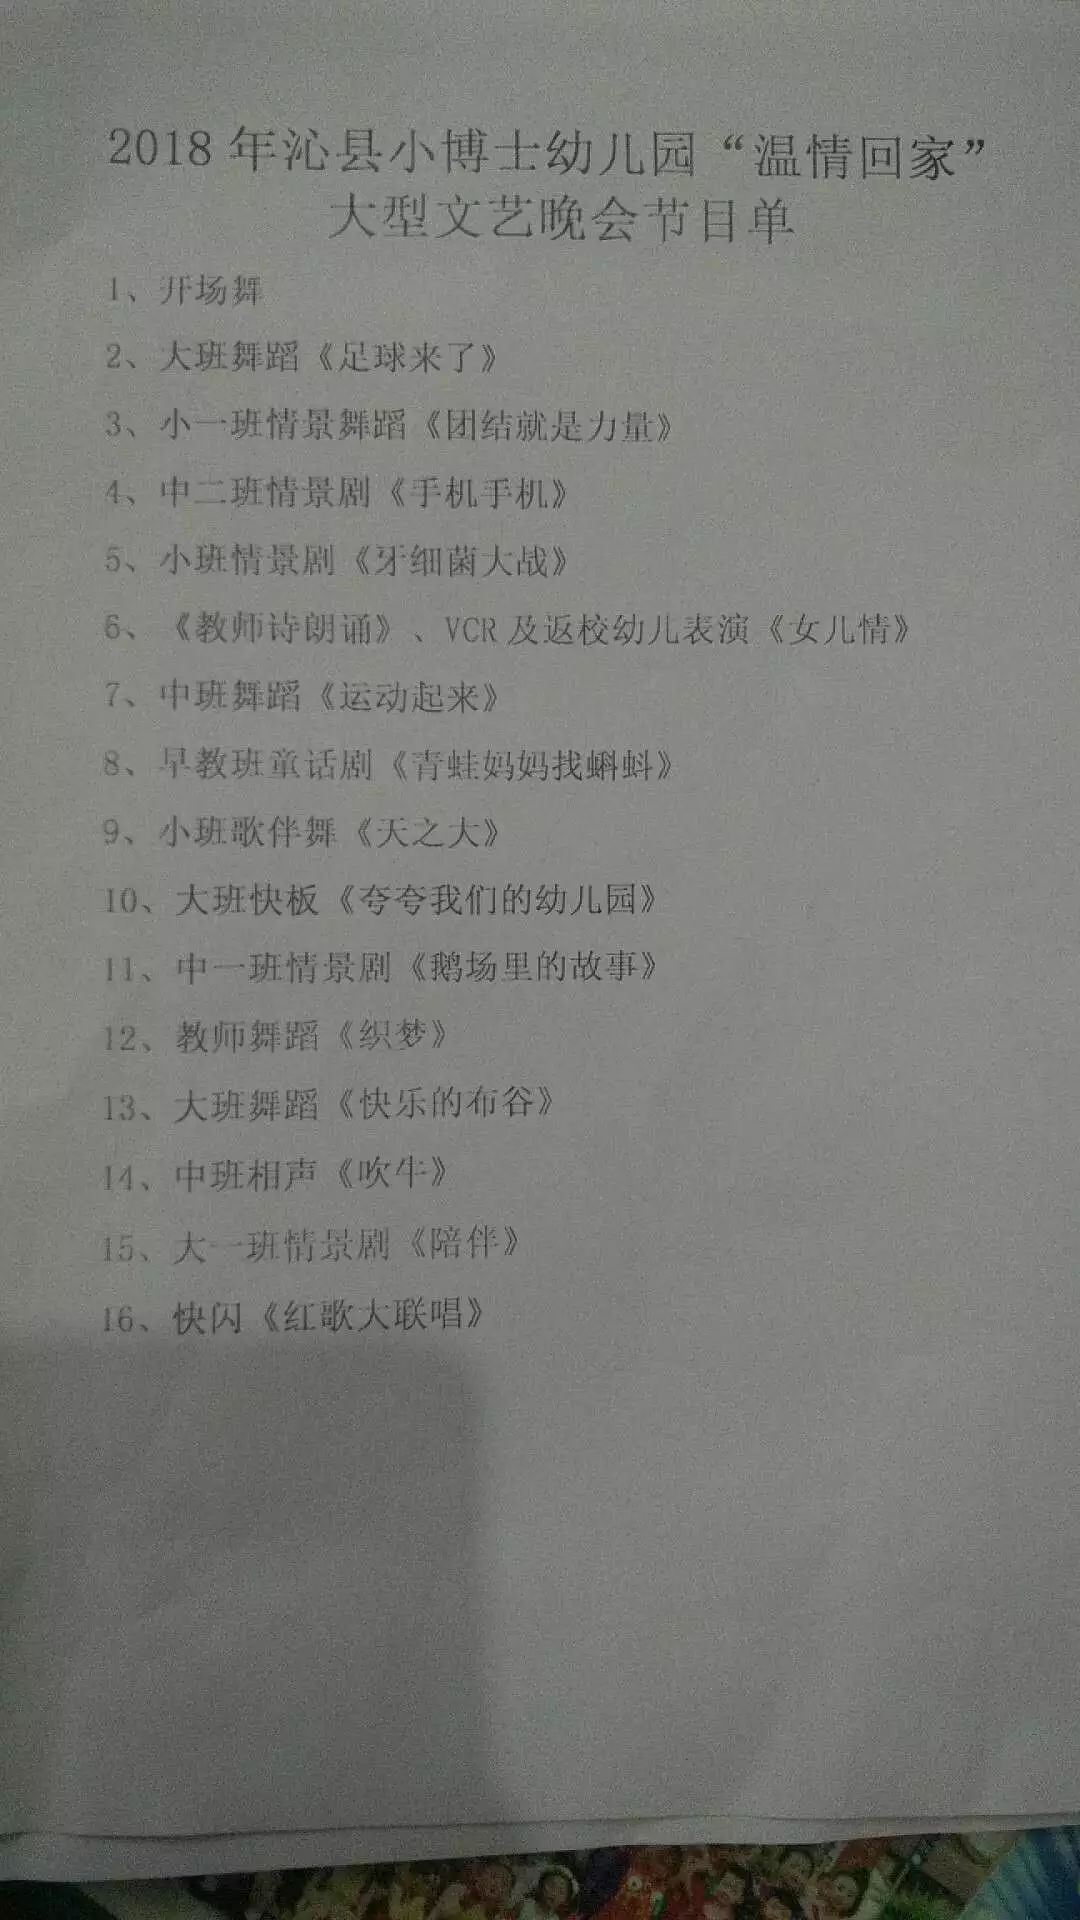 【历史】山西省长治市沁县中学2017-2018学年高二上... -莲山文库